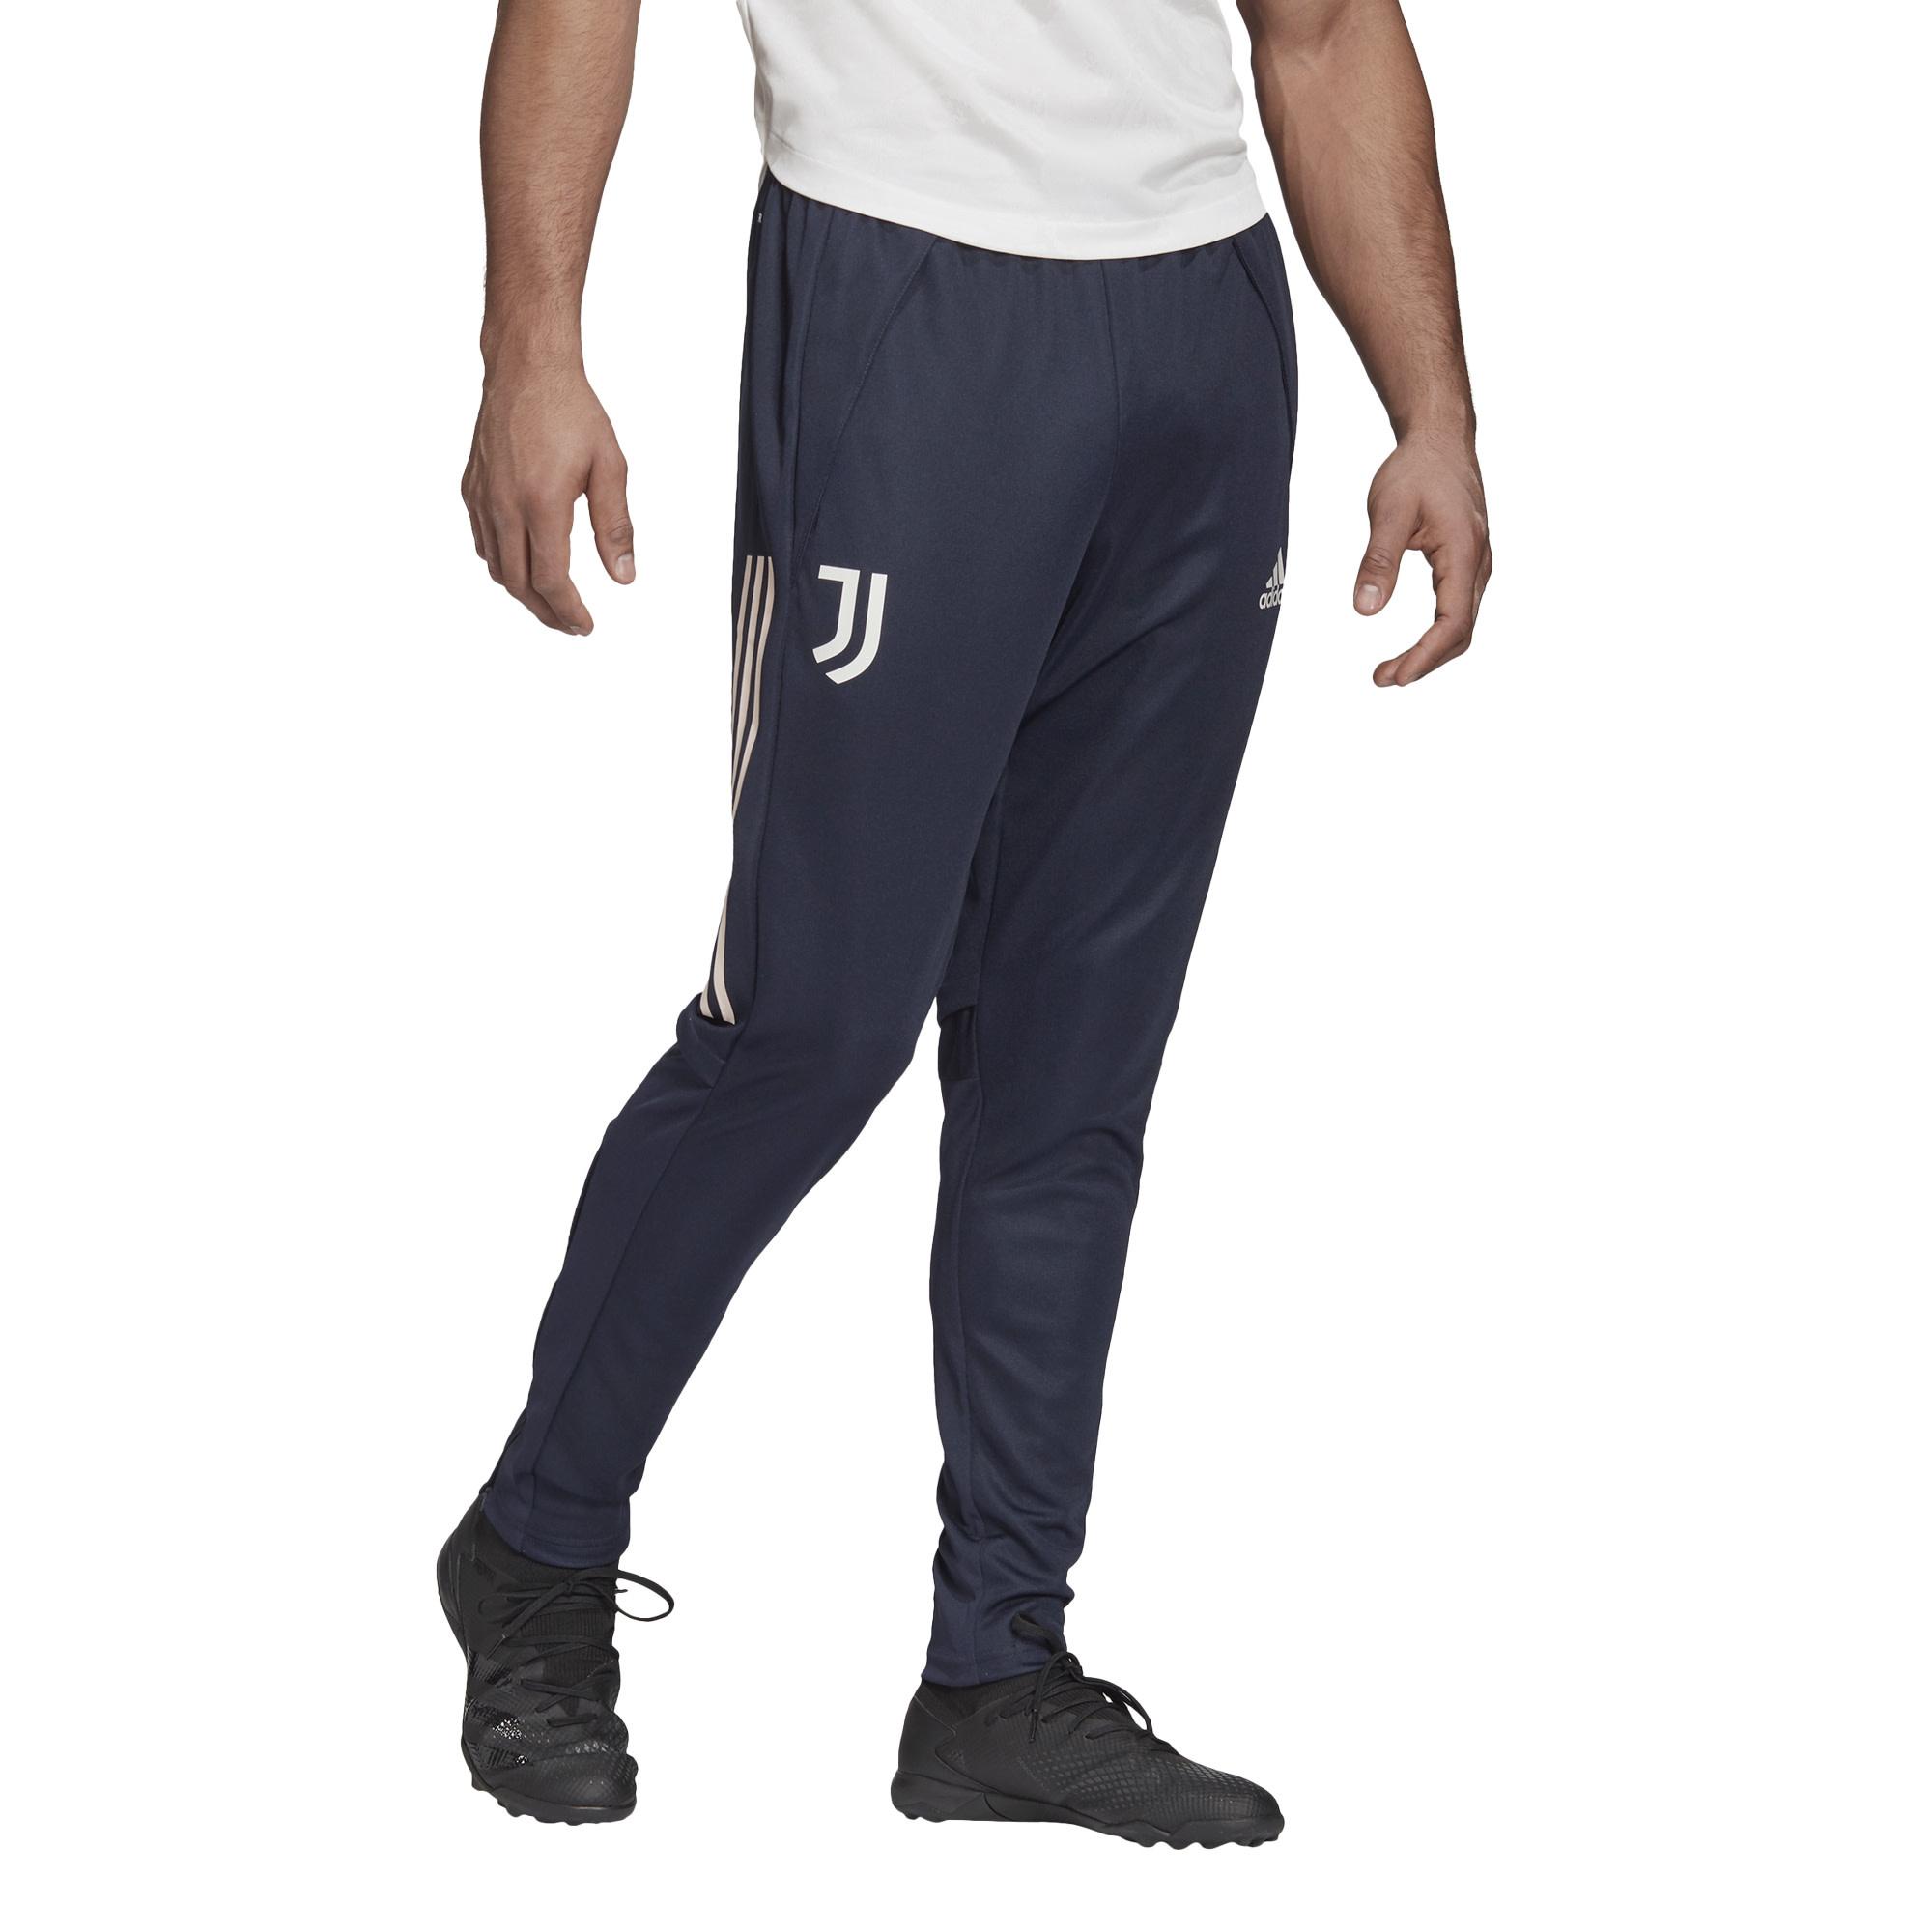 Adidas Juventus Training Pant '20-'21